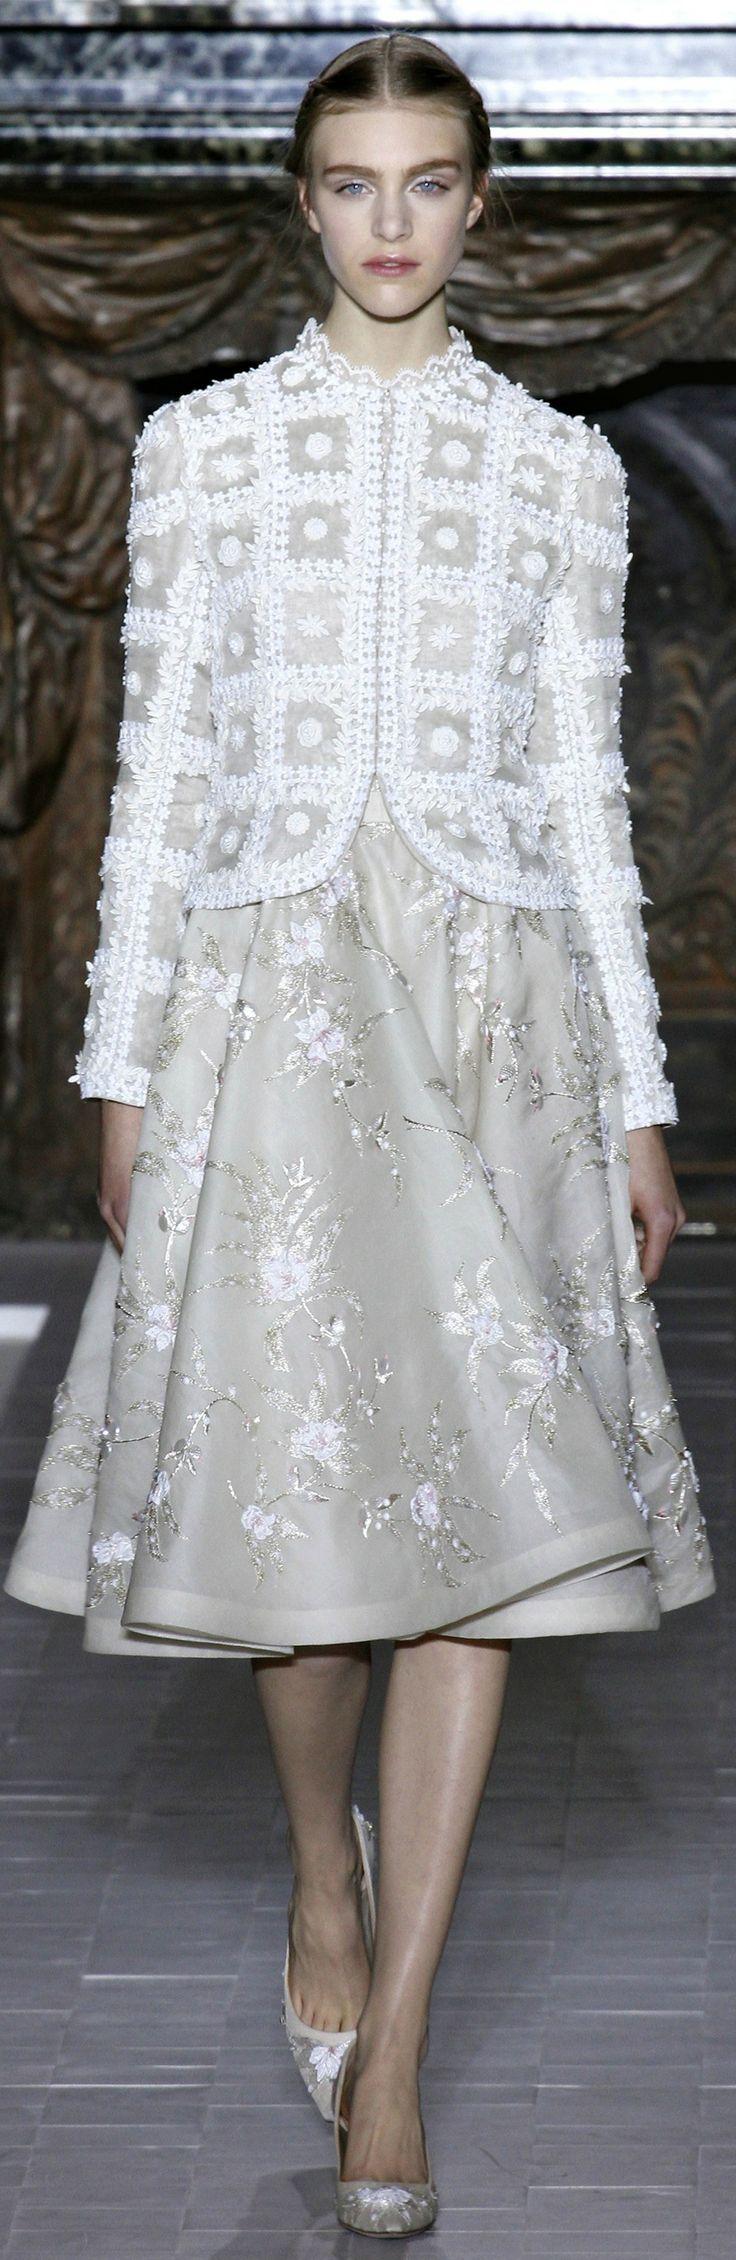 19 besten Fashion Bilder auf Pinterest | Abendkleid, Chanel couture ...